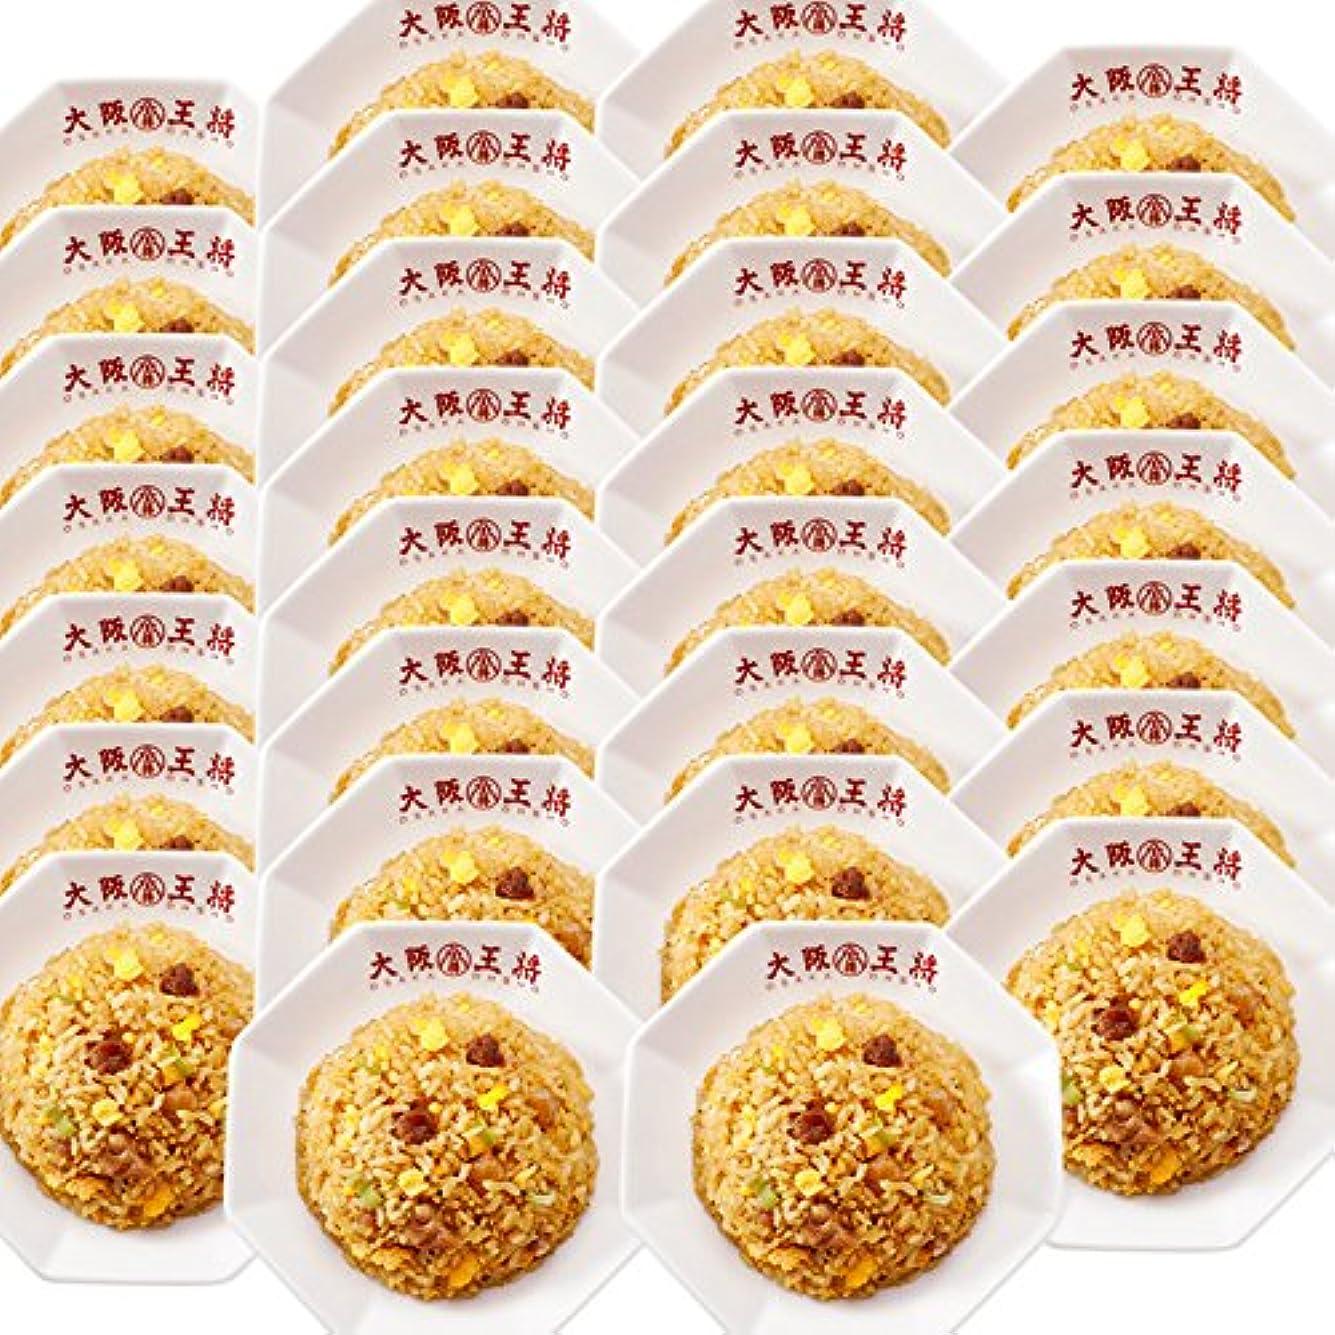 バングラデシュ夫婦急行する【12パック】 冷凍食品 具だくさん高菜炒飯 450g 味の素